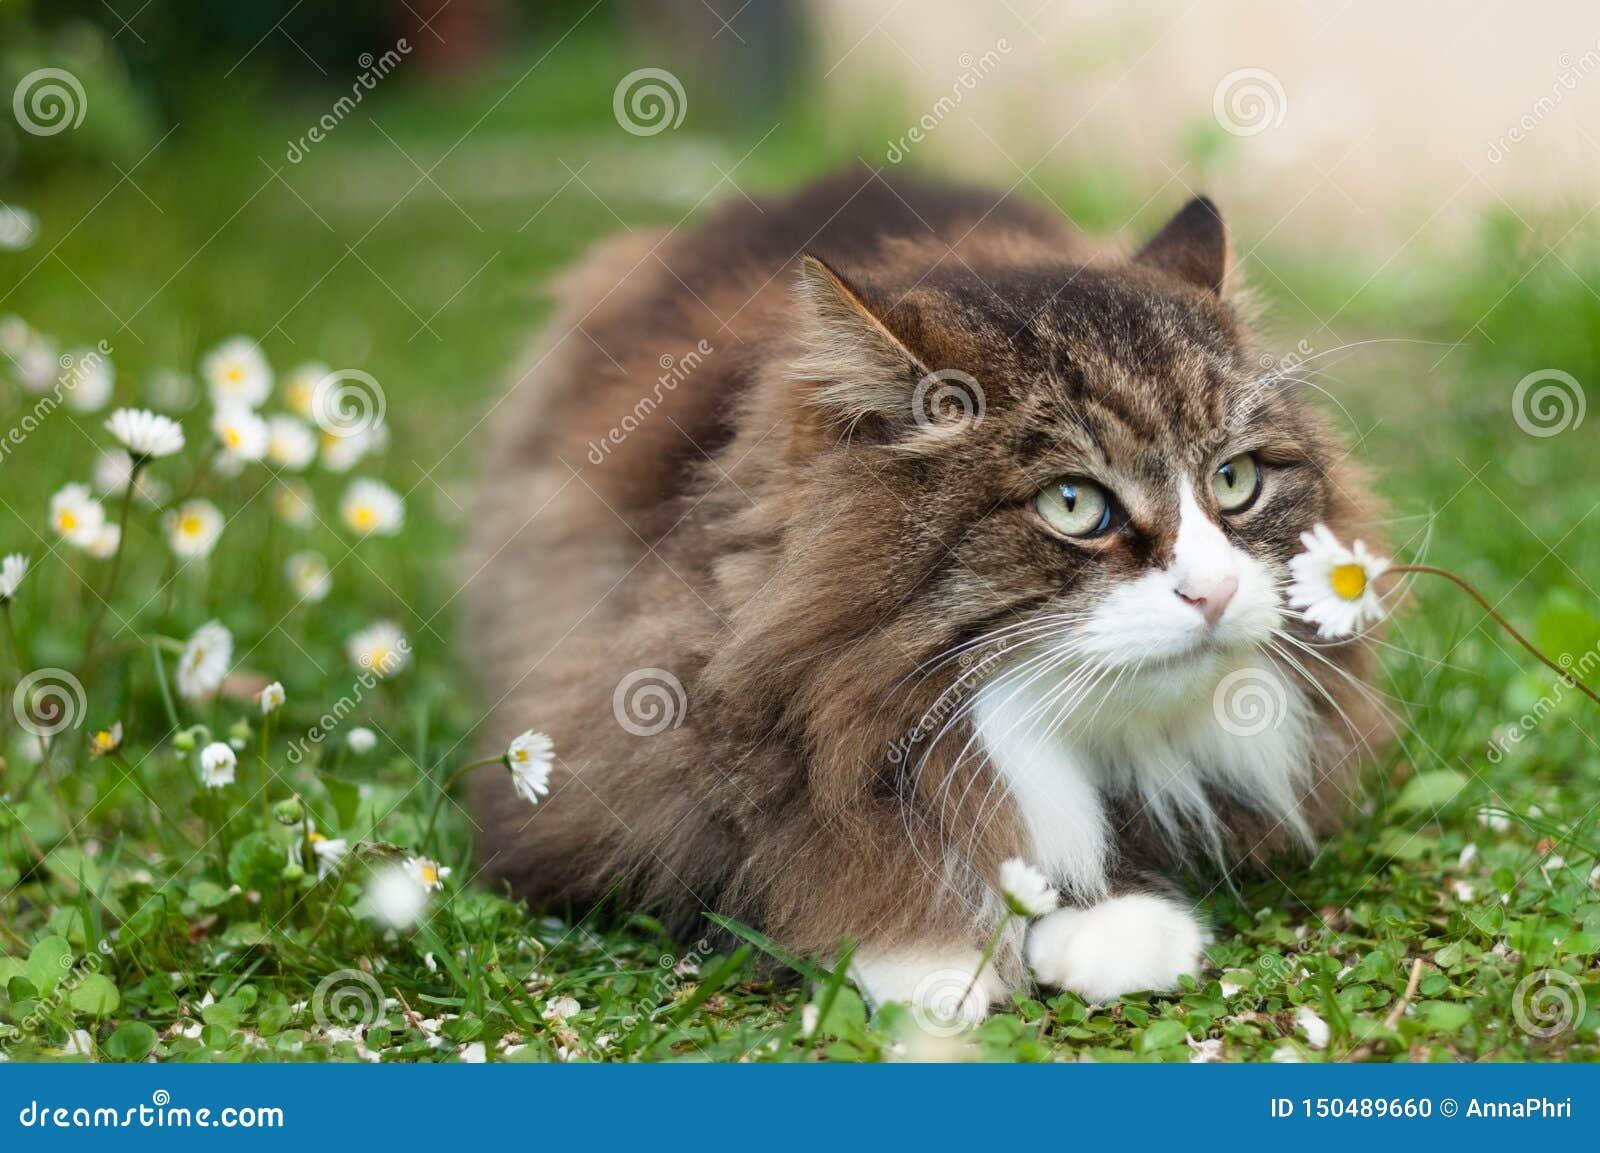 Nette flaumige Katze mit einem Gänseblümchen